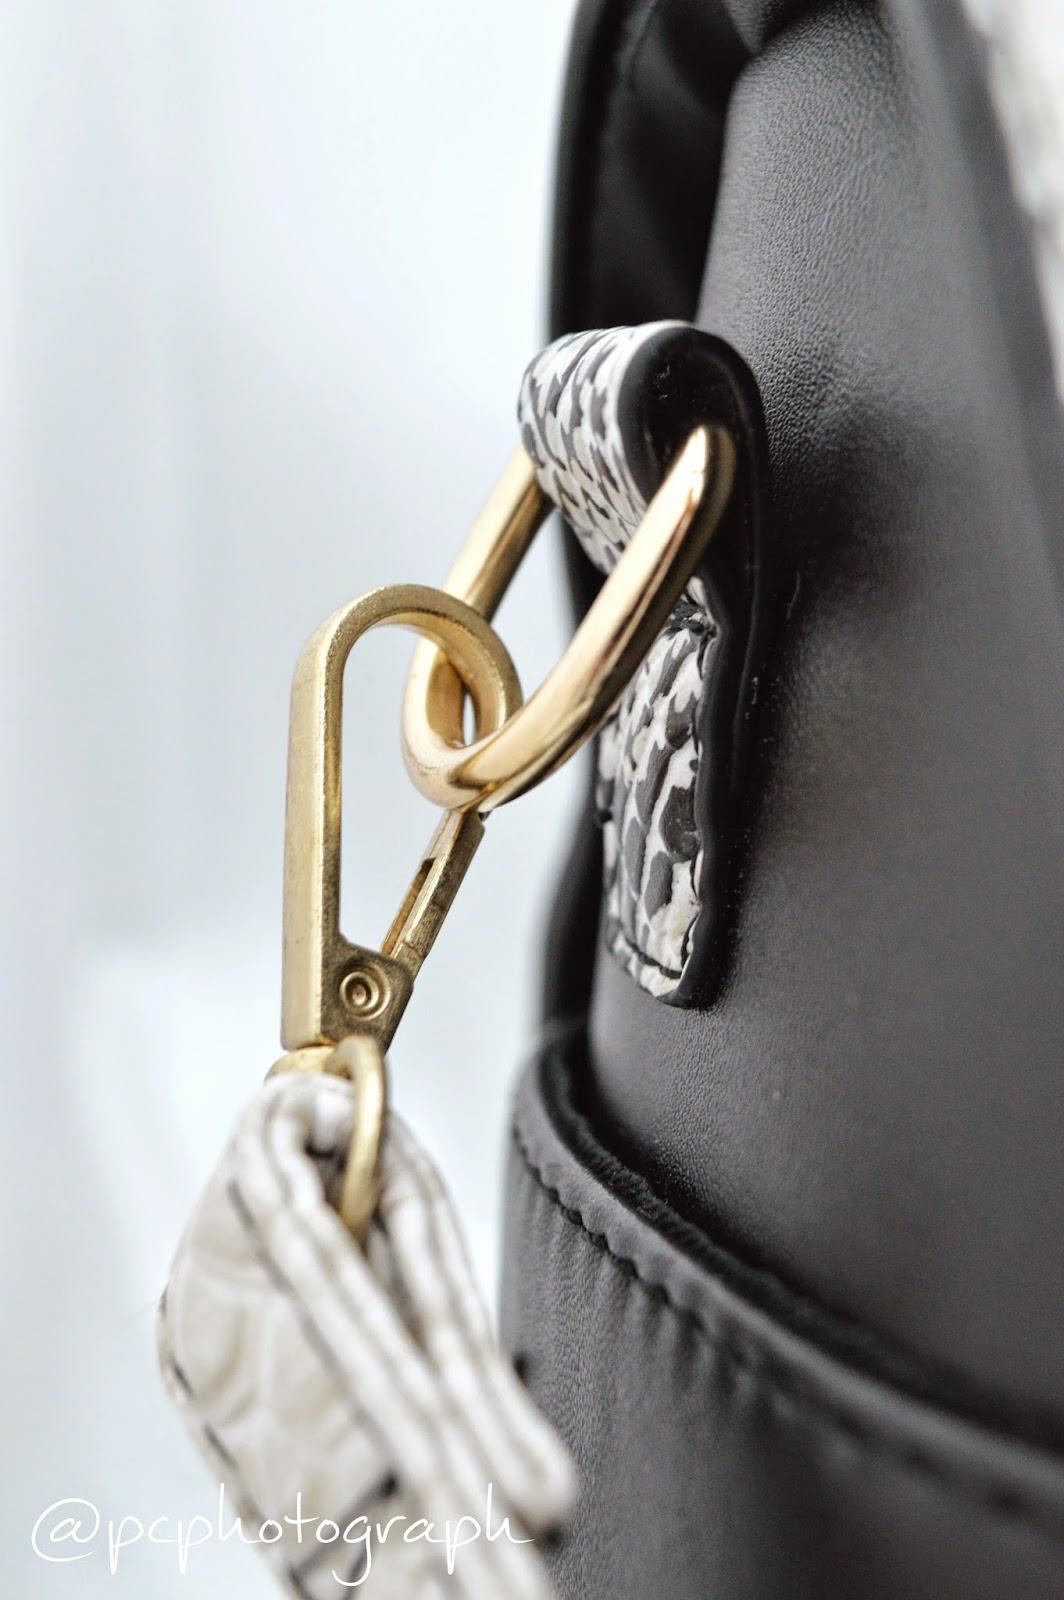 fashion batam menawarkan tas fashion yang berkualitas di perfect corner